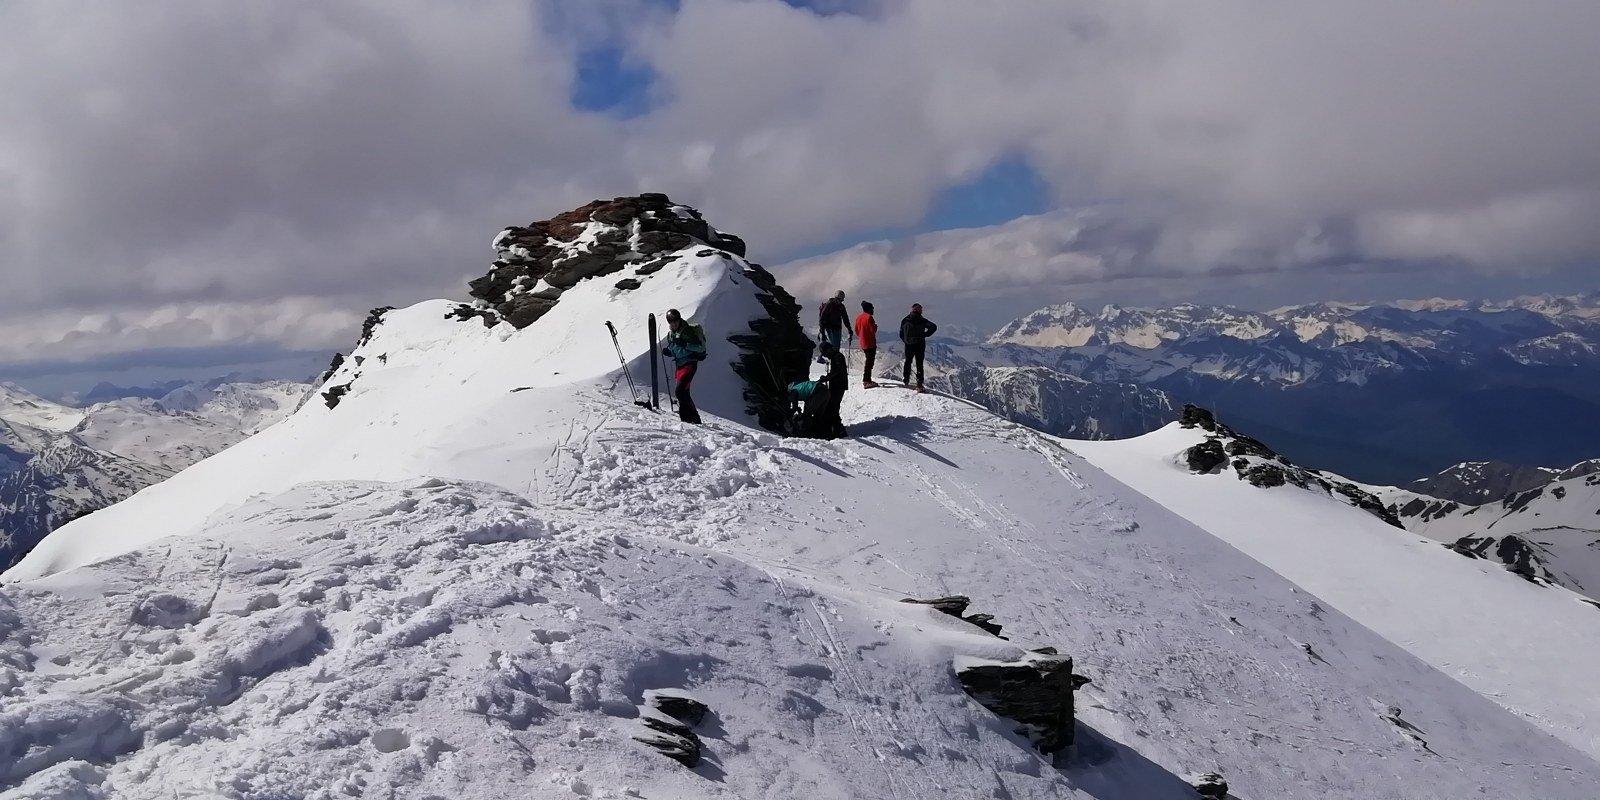 Deposito sci nei pressi della croce di vetta